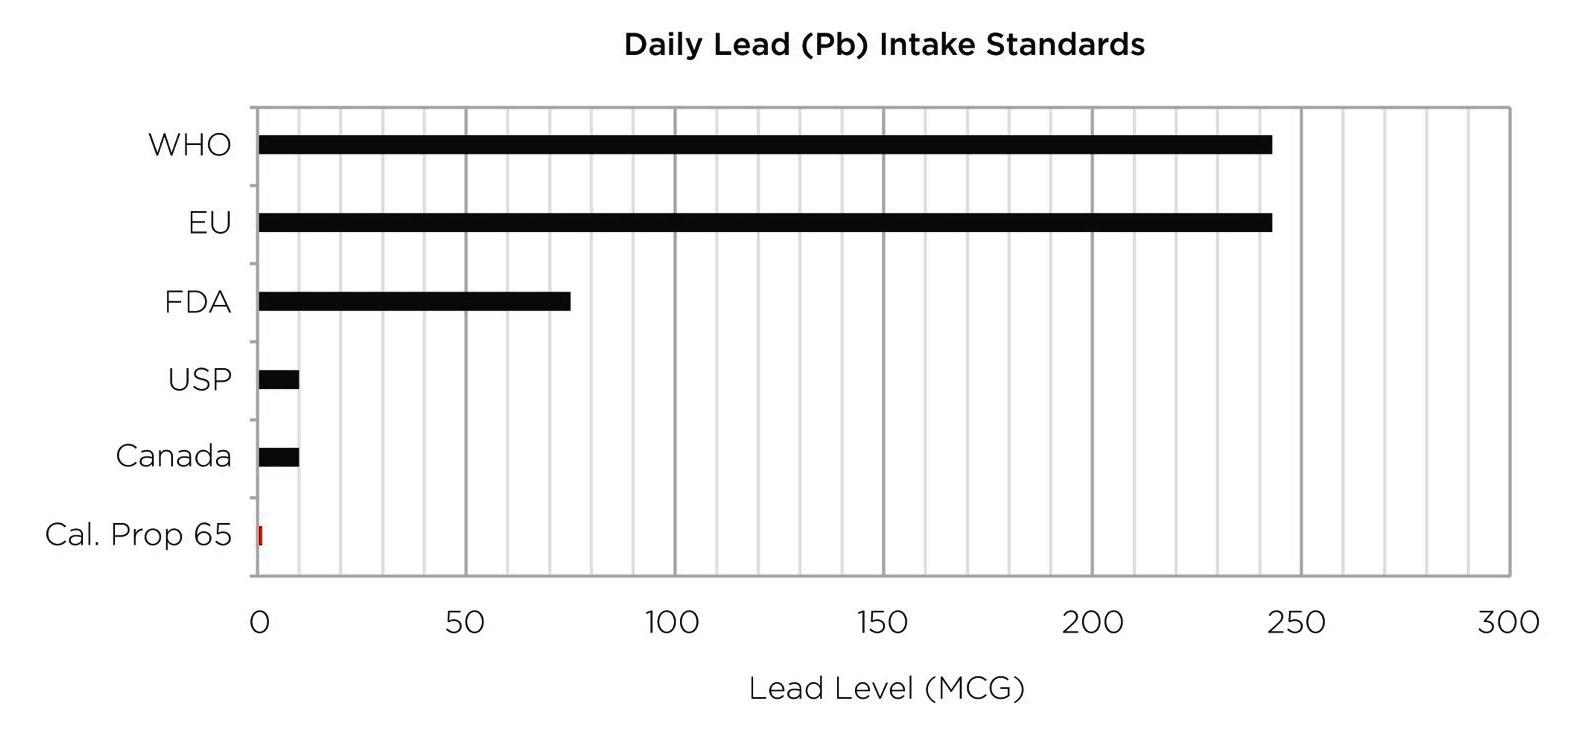 daily-lead-intake-standards.jpg